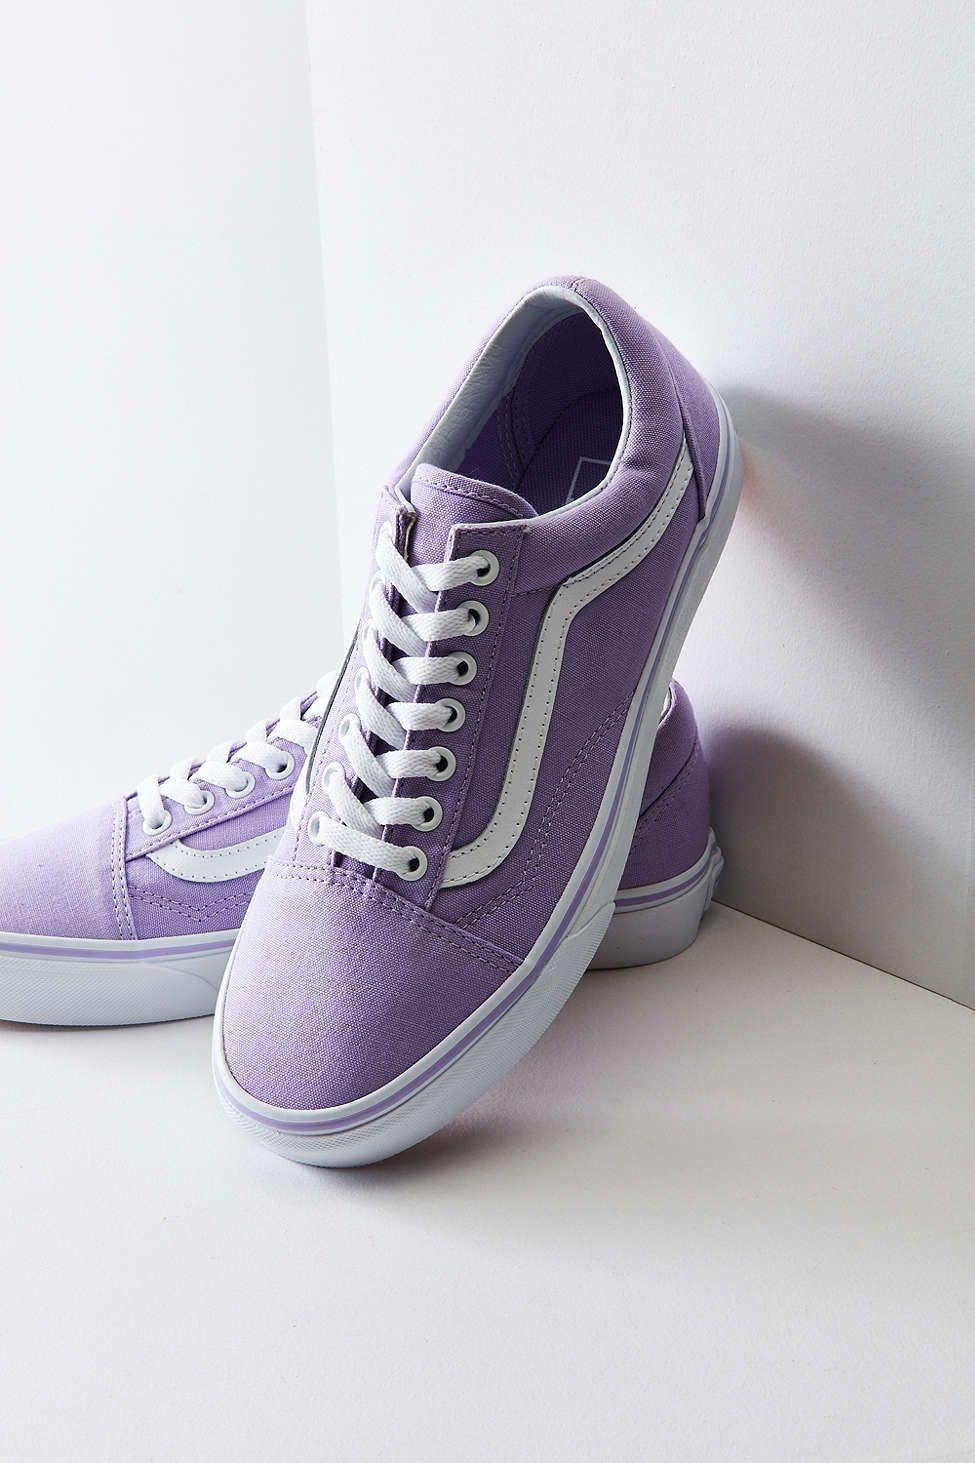 144fe1b3332d3a Vans Old Skool Sneaker